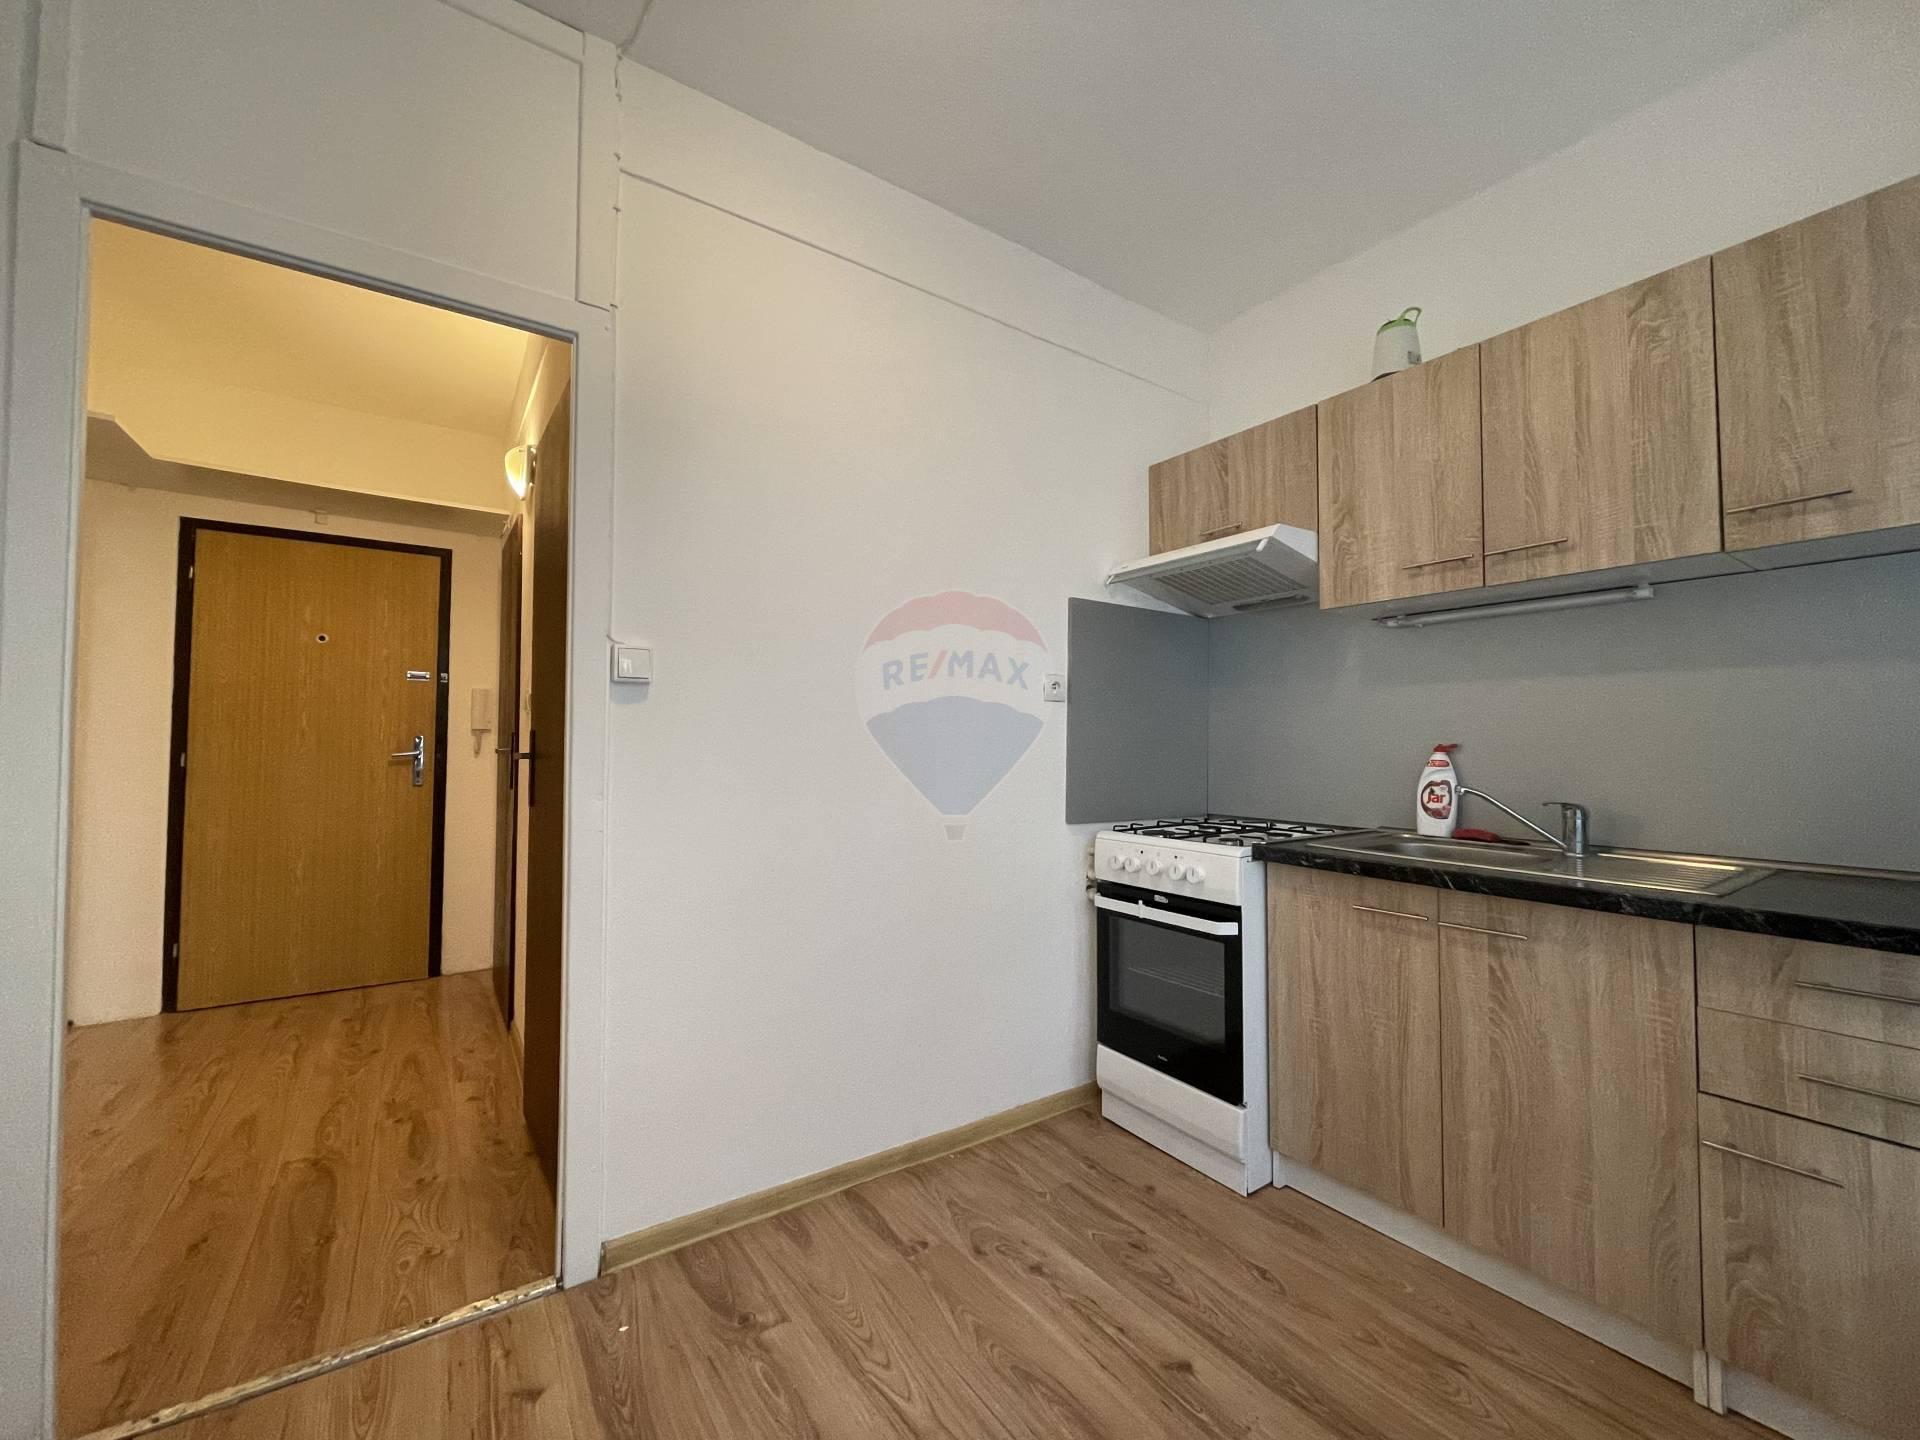 Prenájom bytu (1 izbový) 35 m2, Ružomberok - prenajom RUzomberok